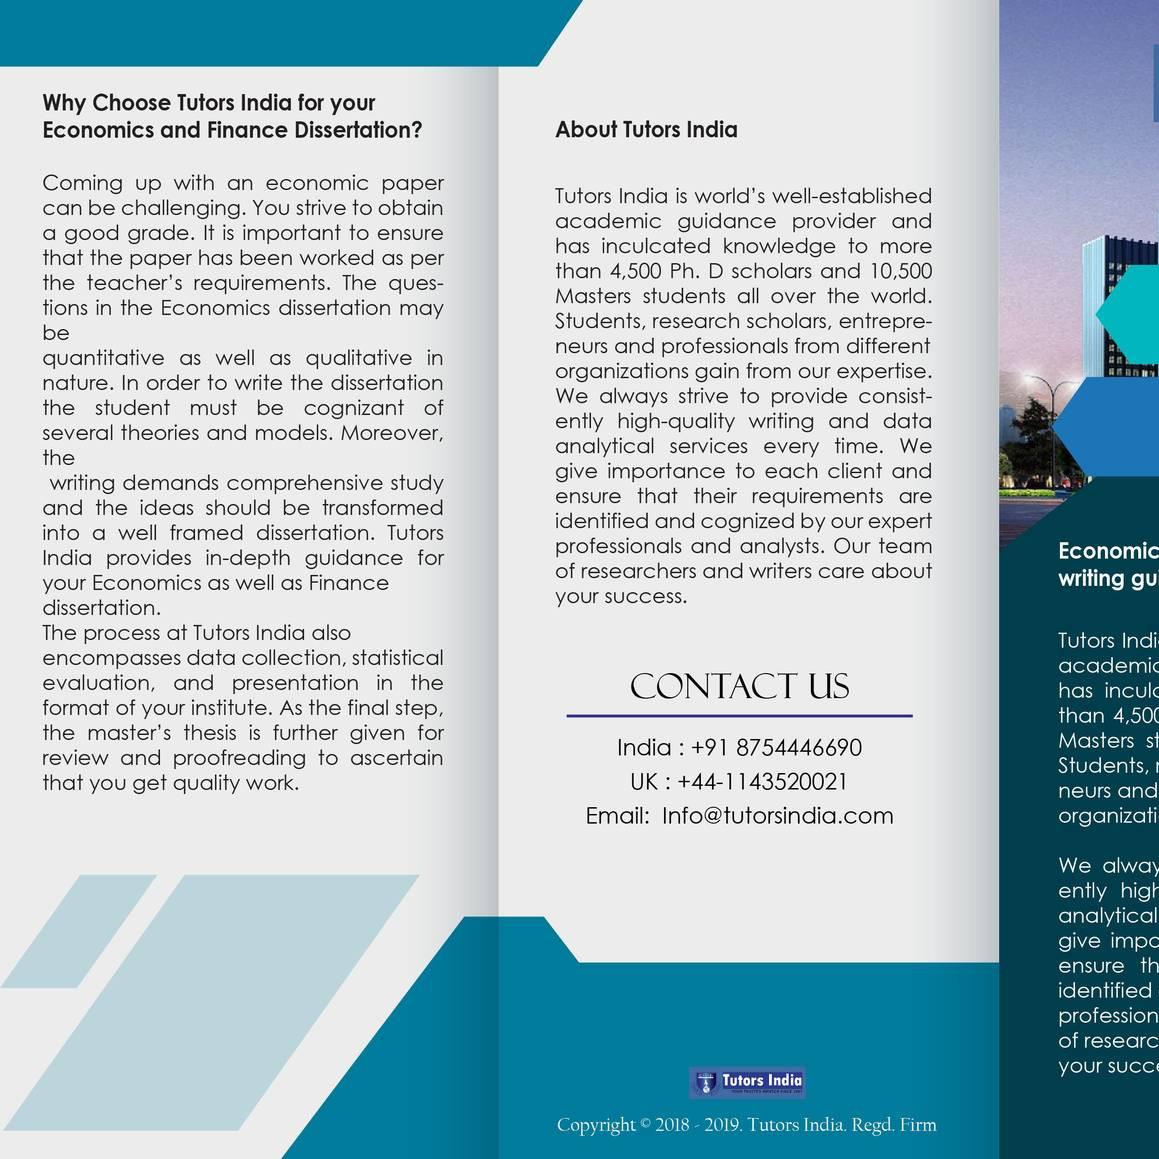 Friedrich ebert foundation pre-dissertation/advanced graduate fellowships